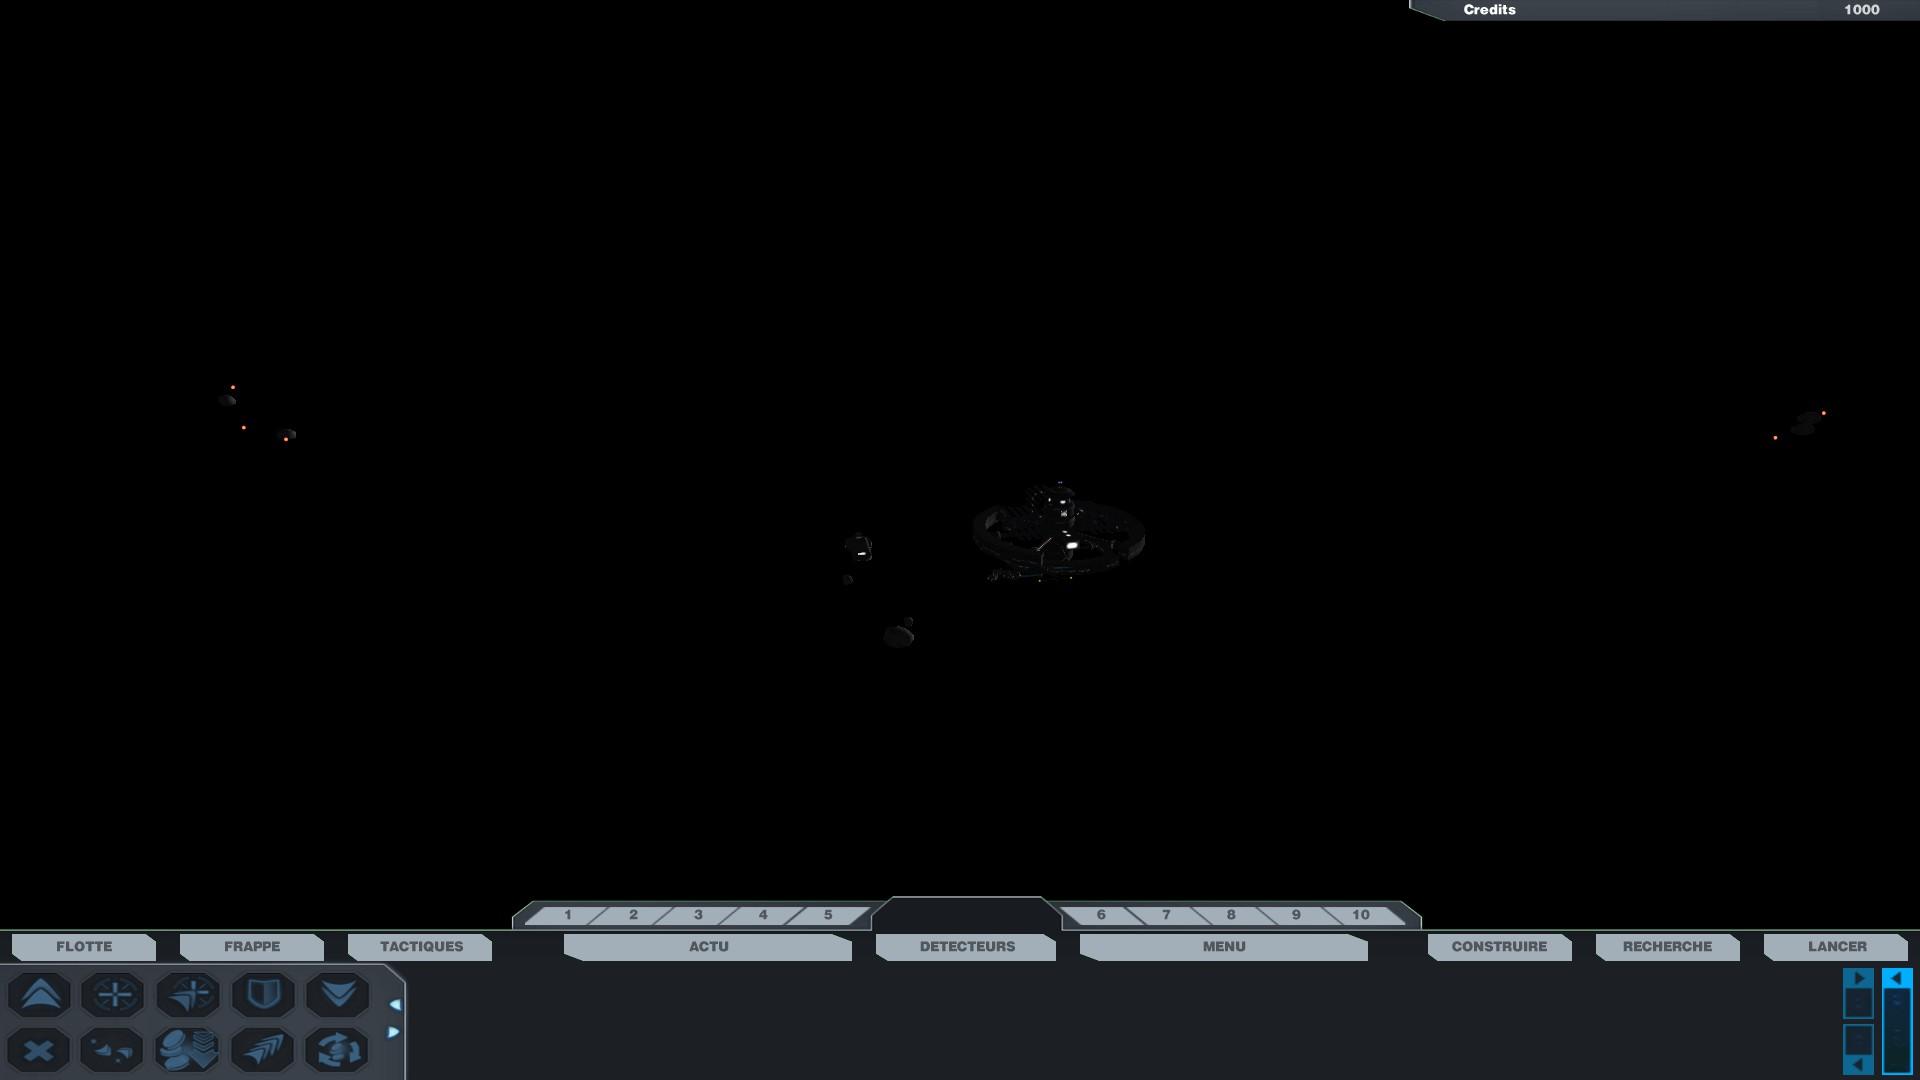 [Résolu] Problème de background tout noir 24416010